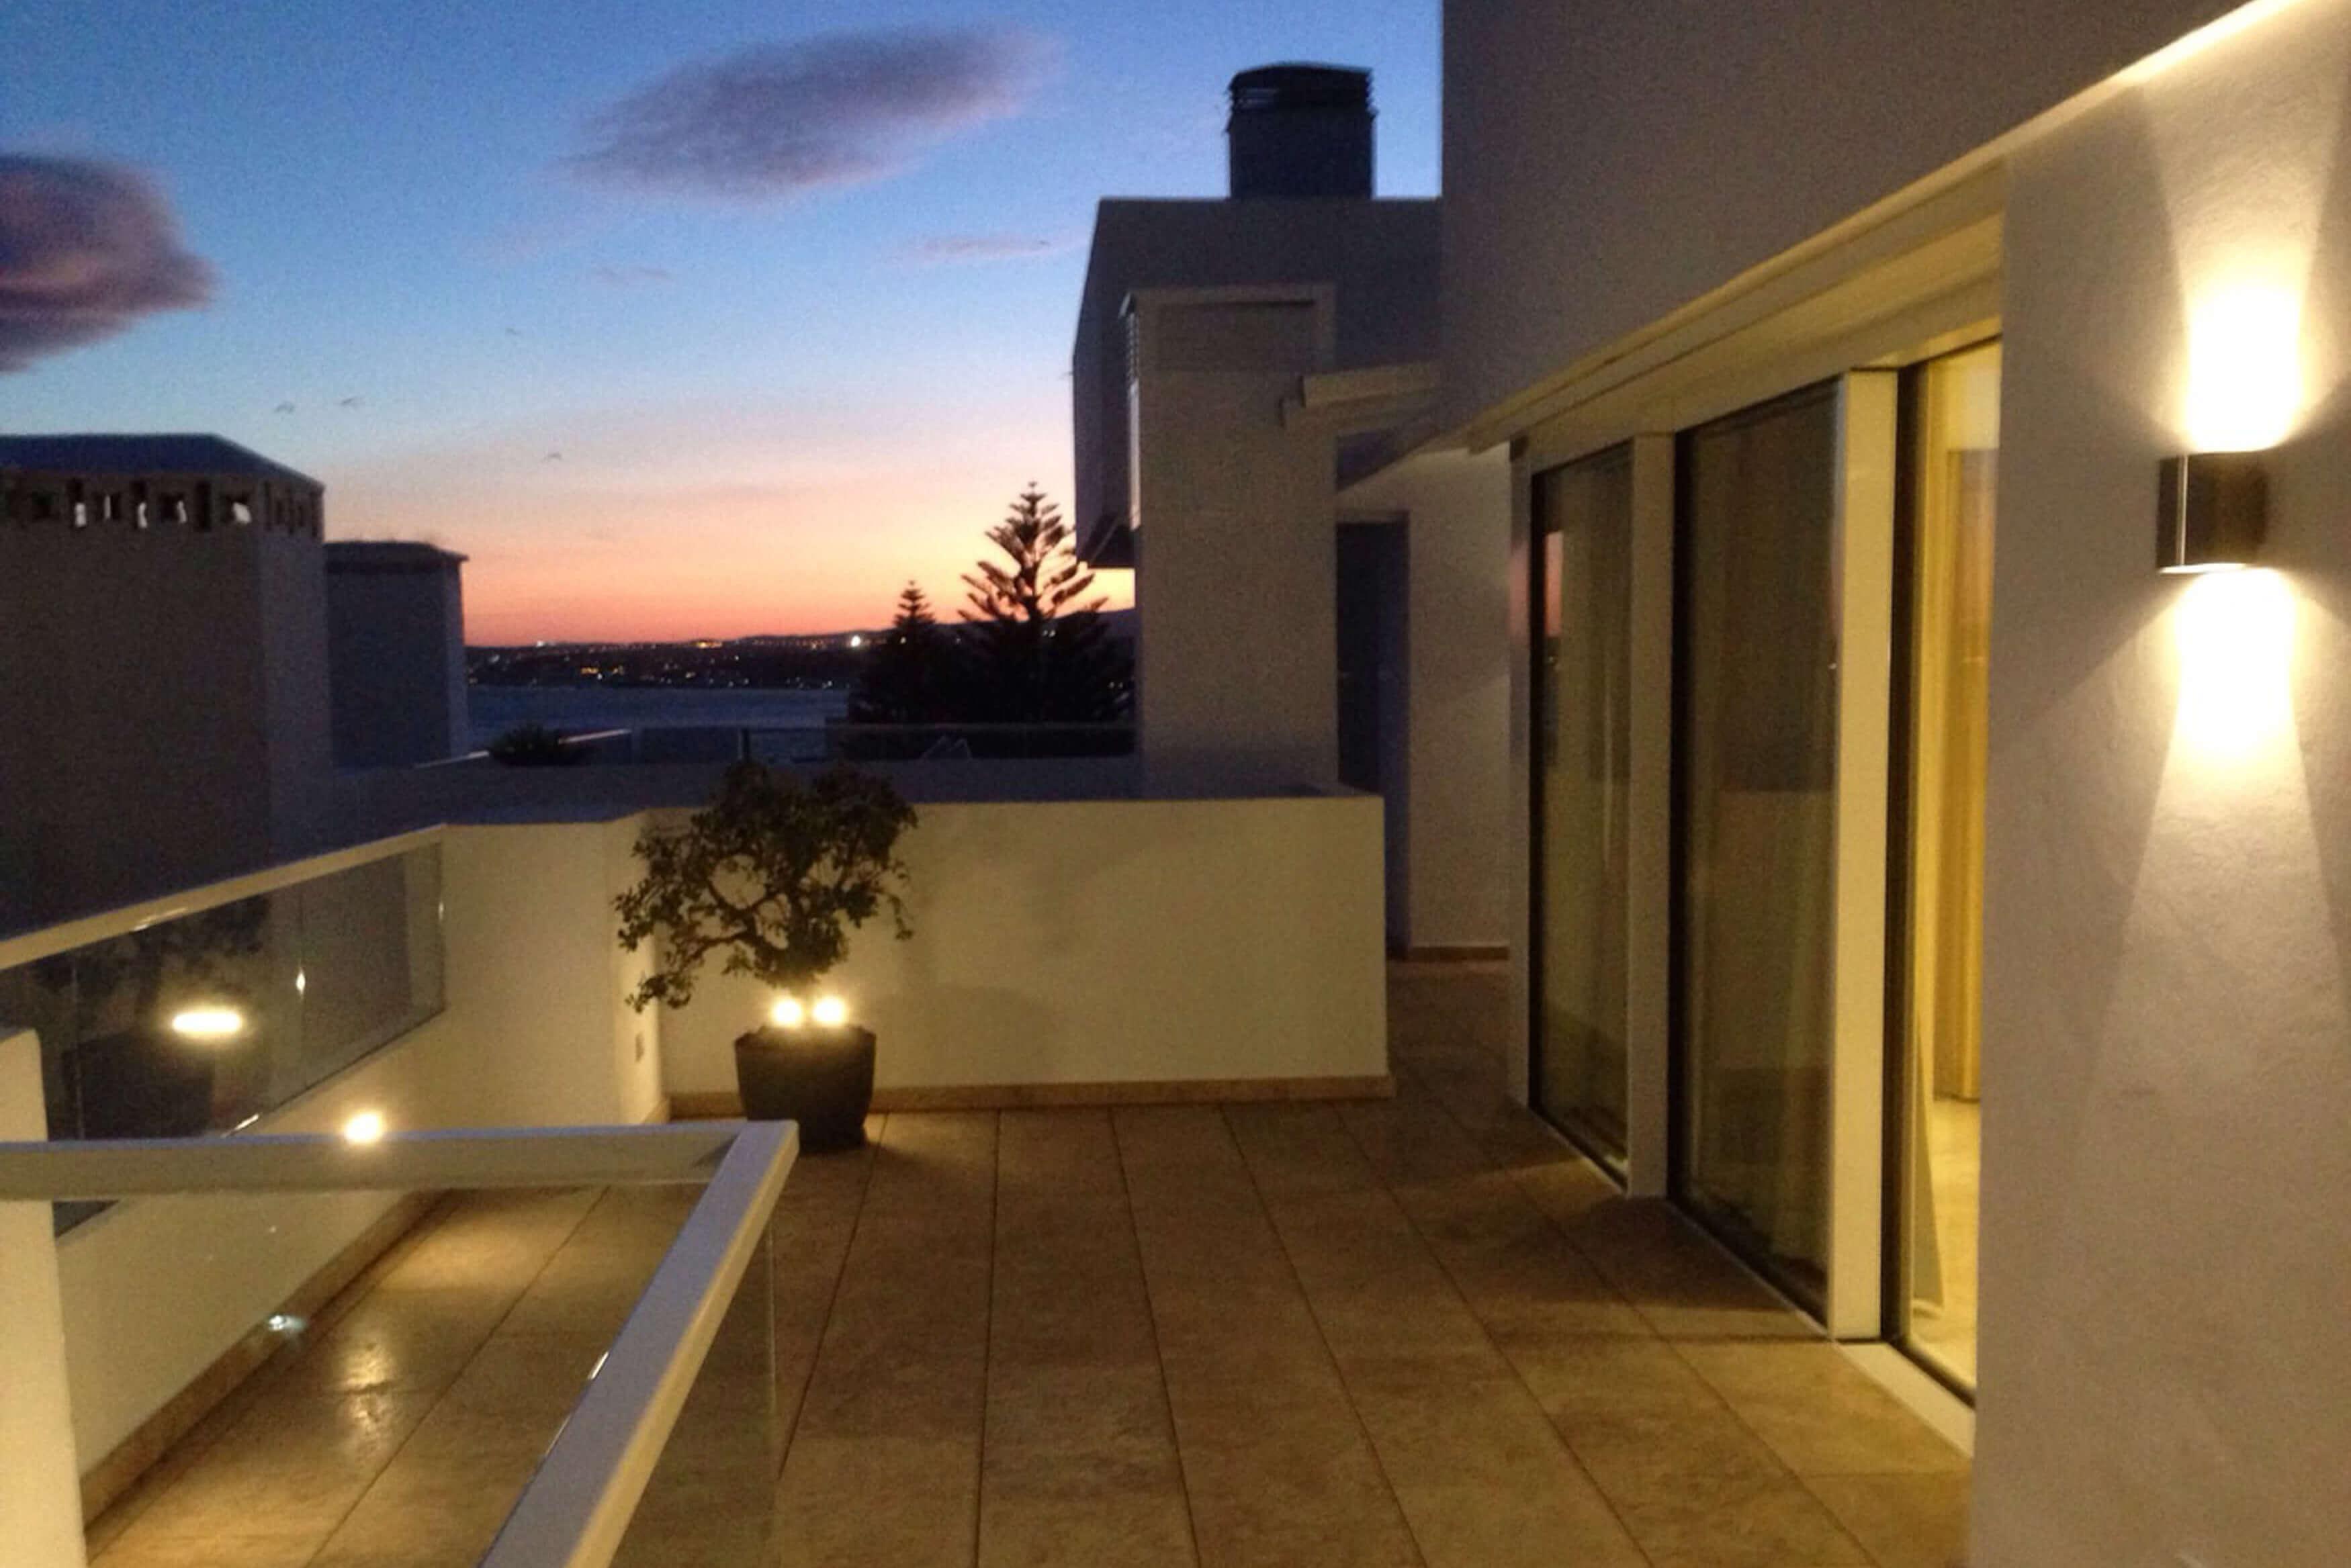 Detalle iluminación terraza Ático -Estepona, Costa del Sol